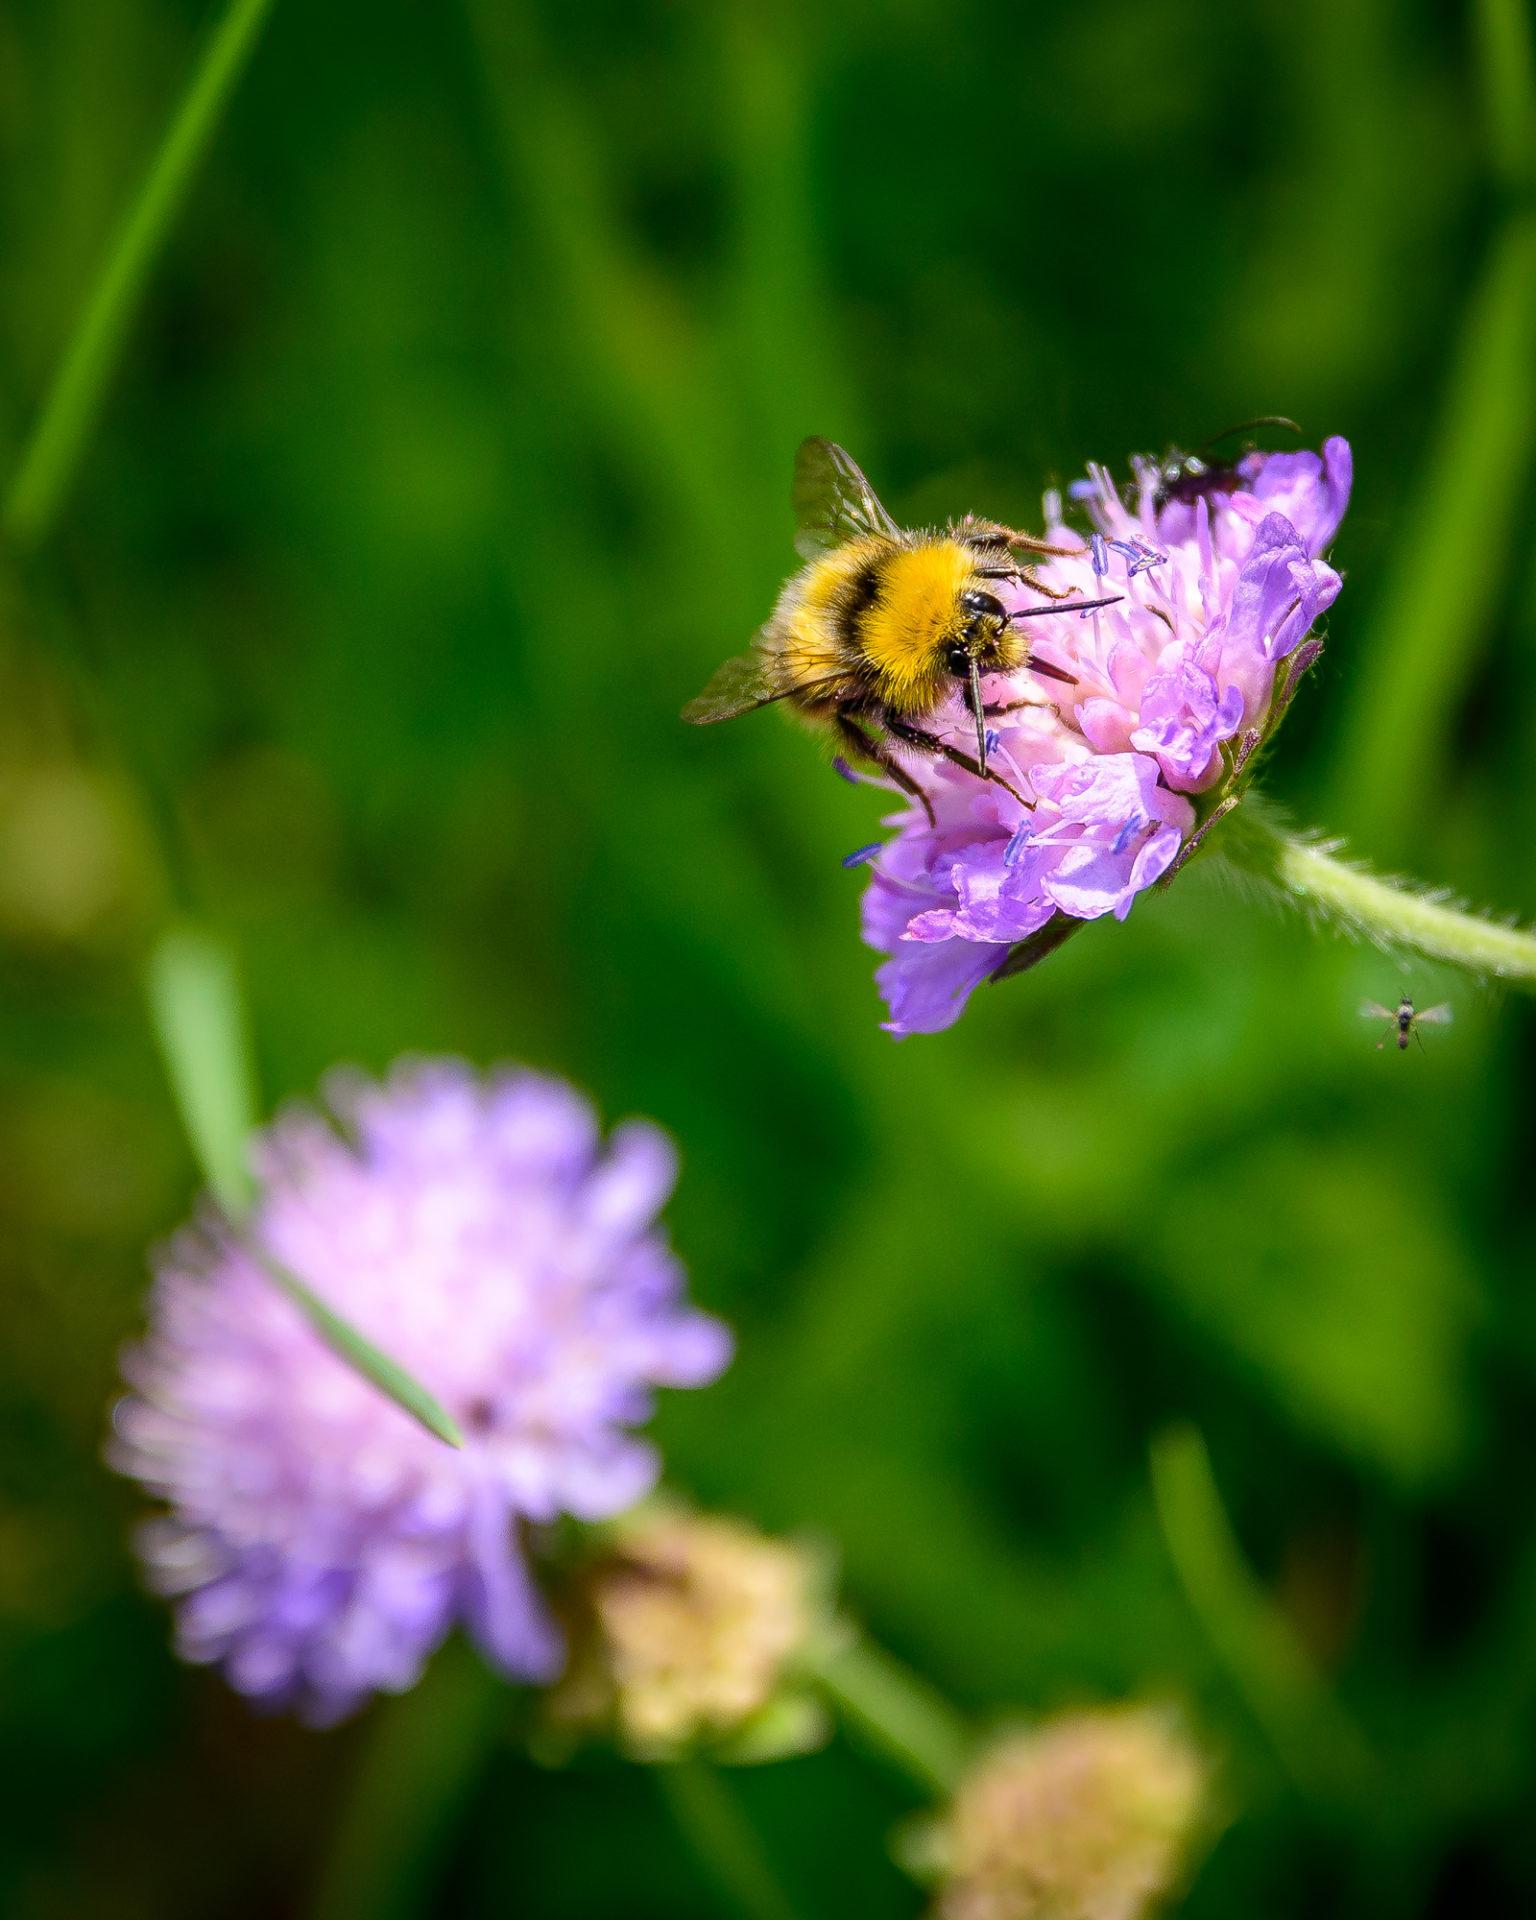 Nahaufnahme eines Insekts auf einer Blüte